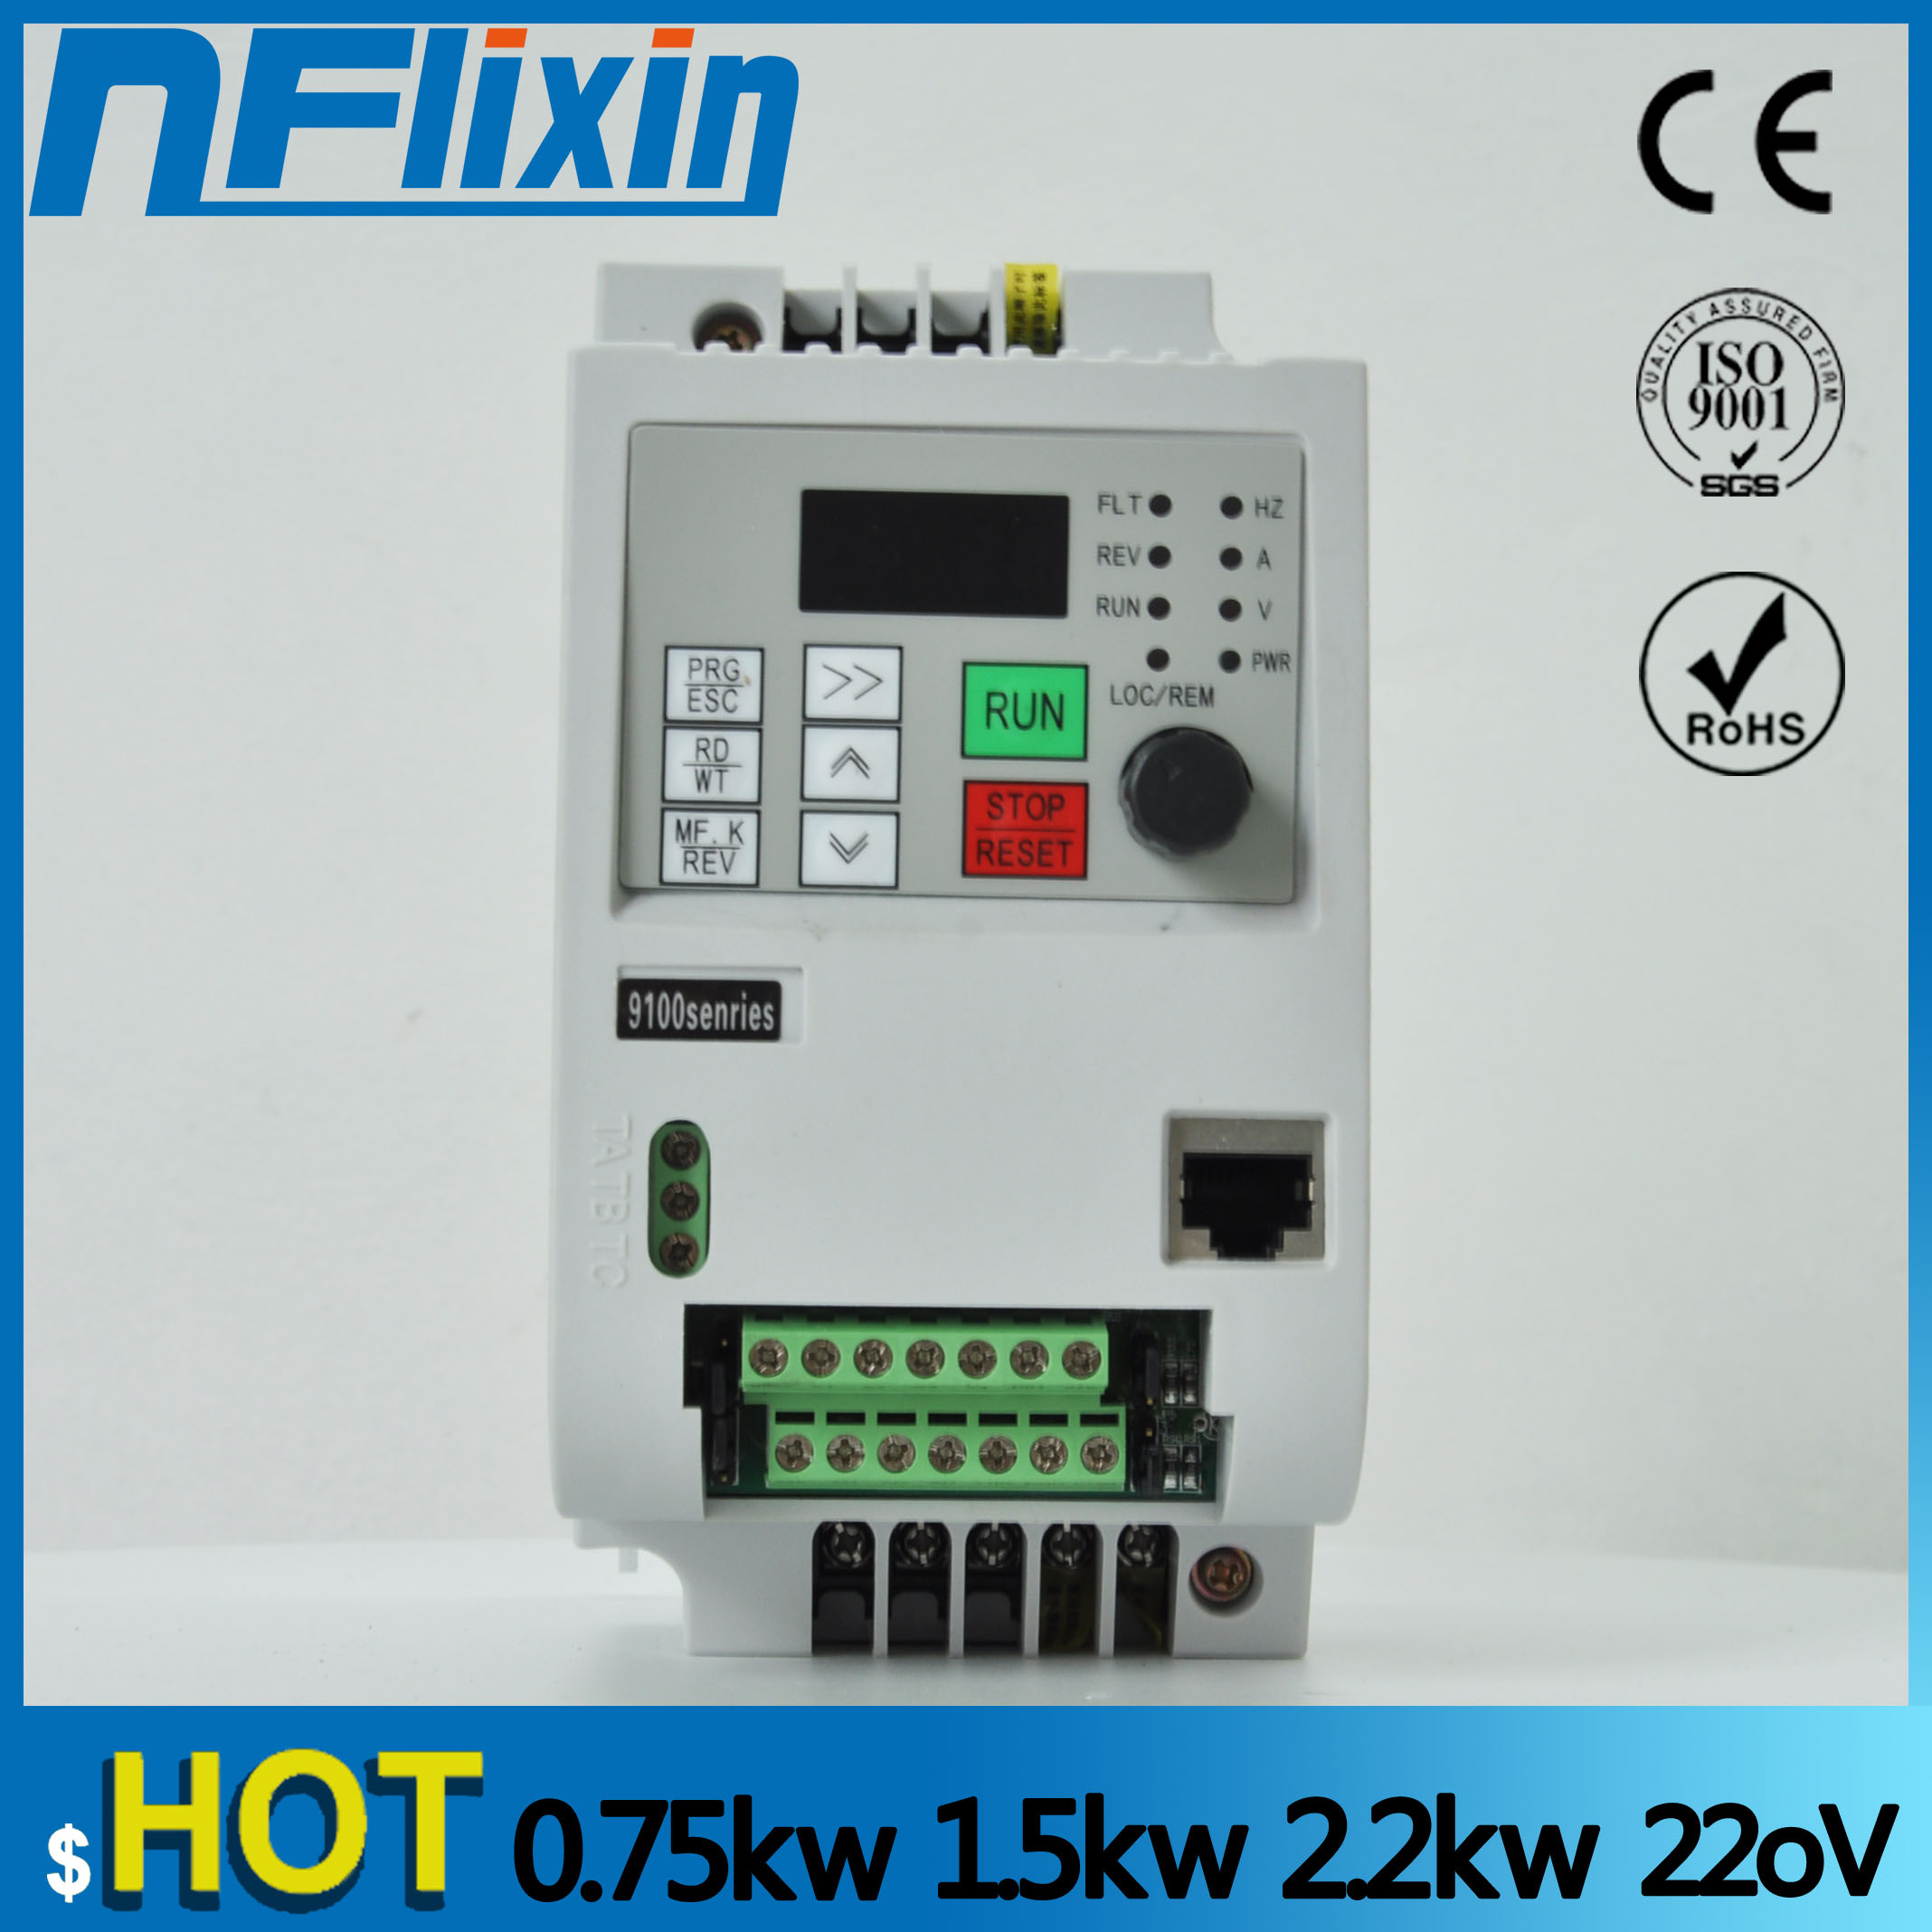 Преобразователь частоты переменного тока 220 в кВт преобразователь частоты привода VFD контроллер скорости преобразователь NF